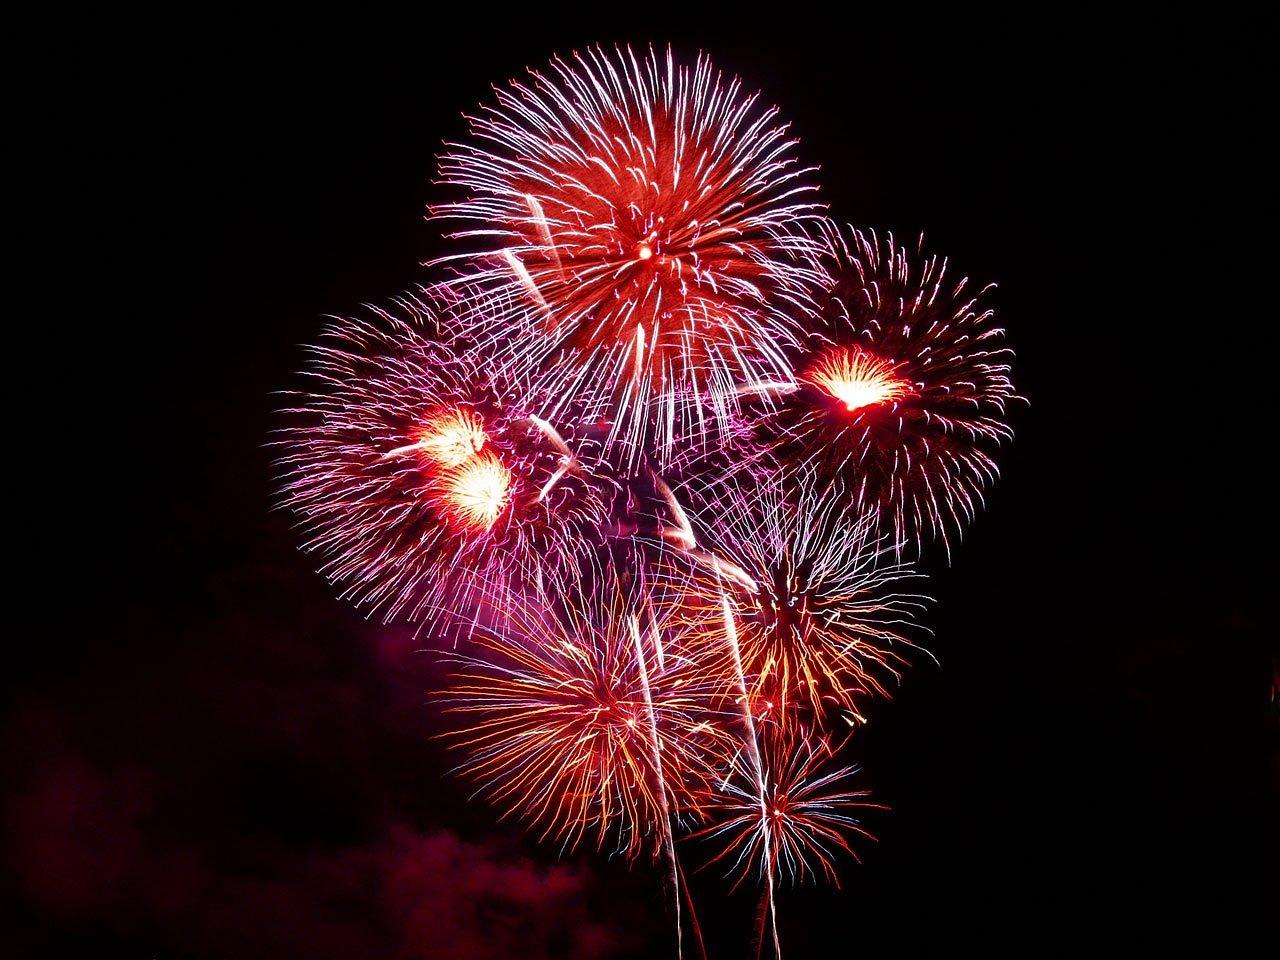 Frýdek-Místek přivítá rok 2020 ohňostrojem. Na obloze uvidíte světelné rakety, římské svíce i kulové pumy